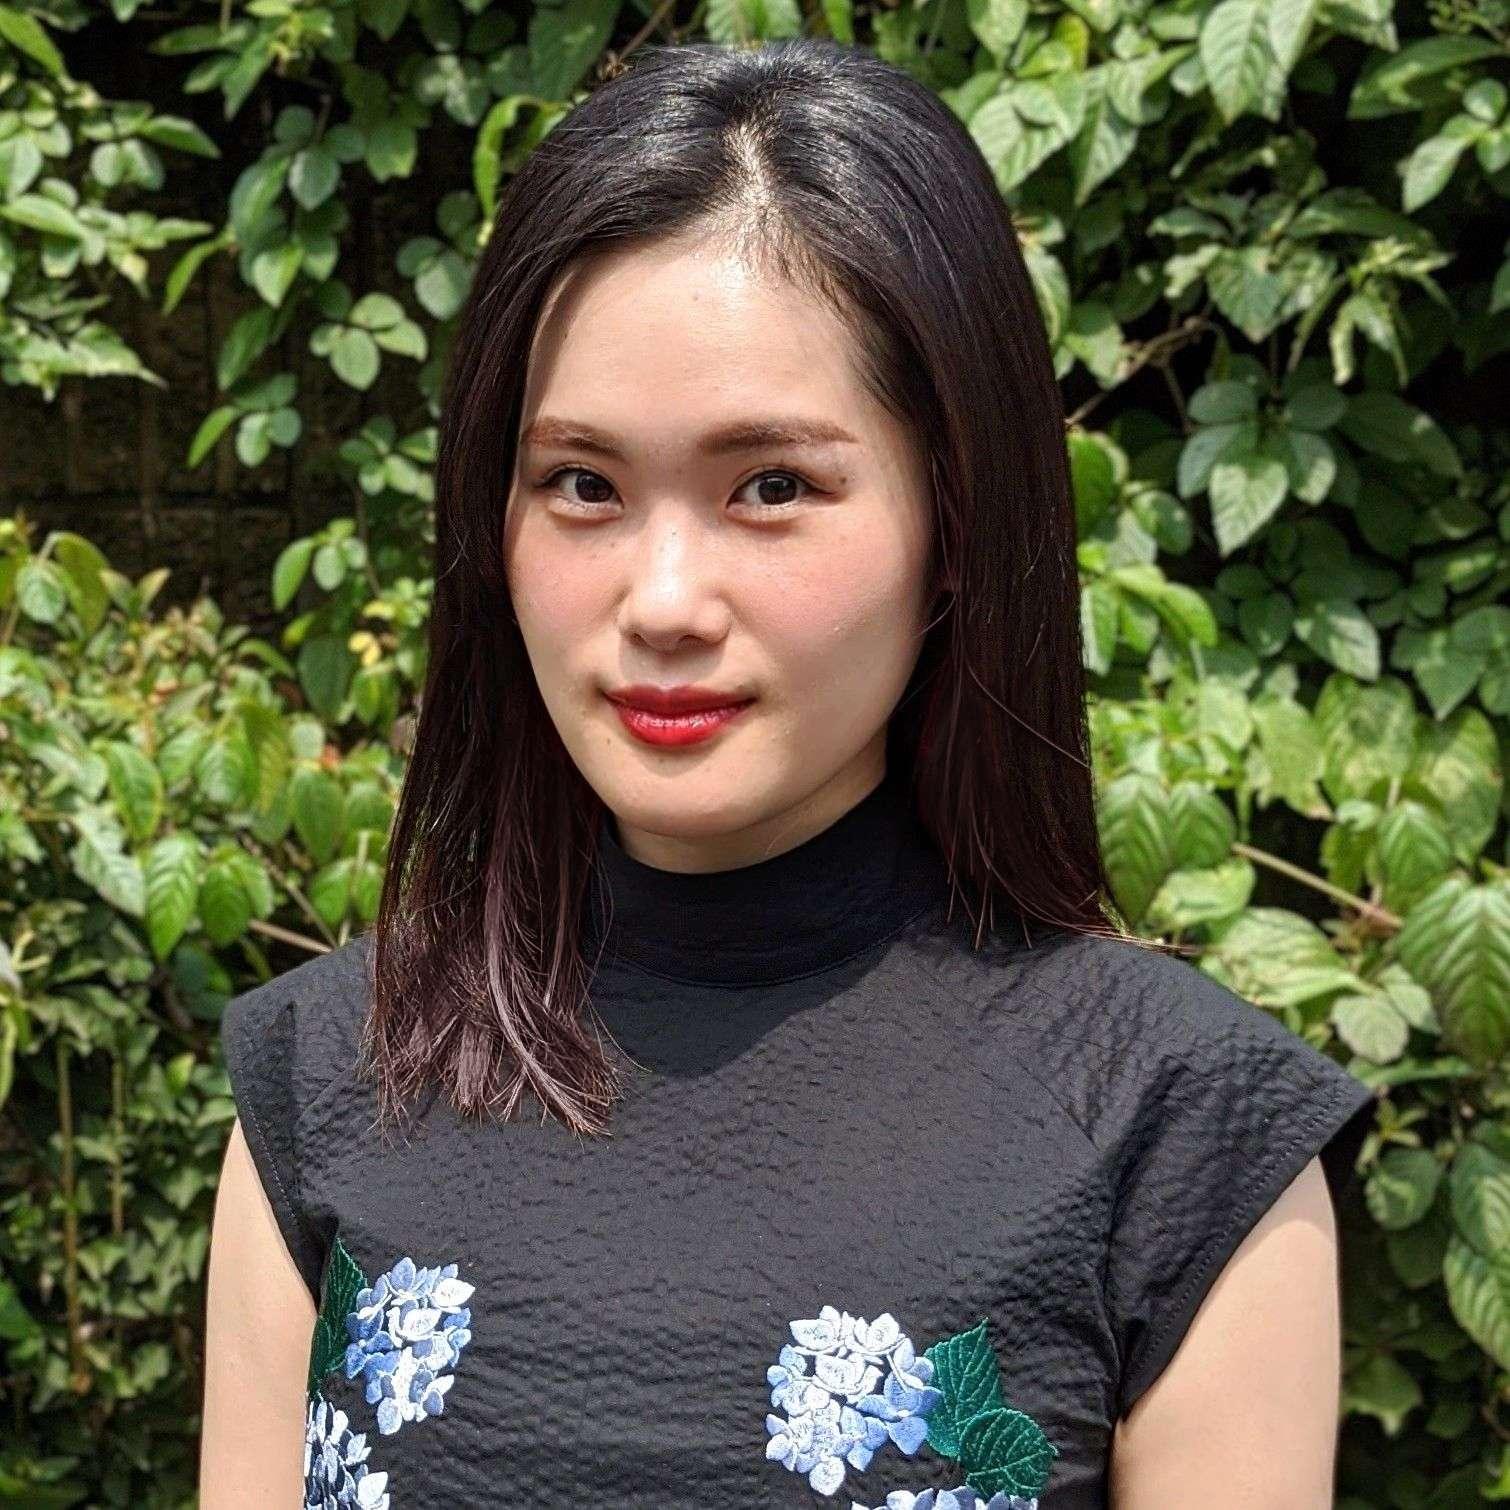 Yuki Harukawa